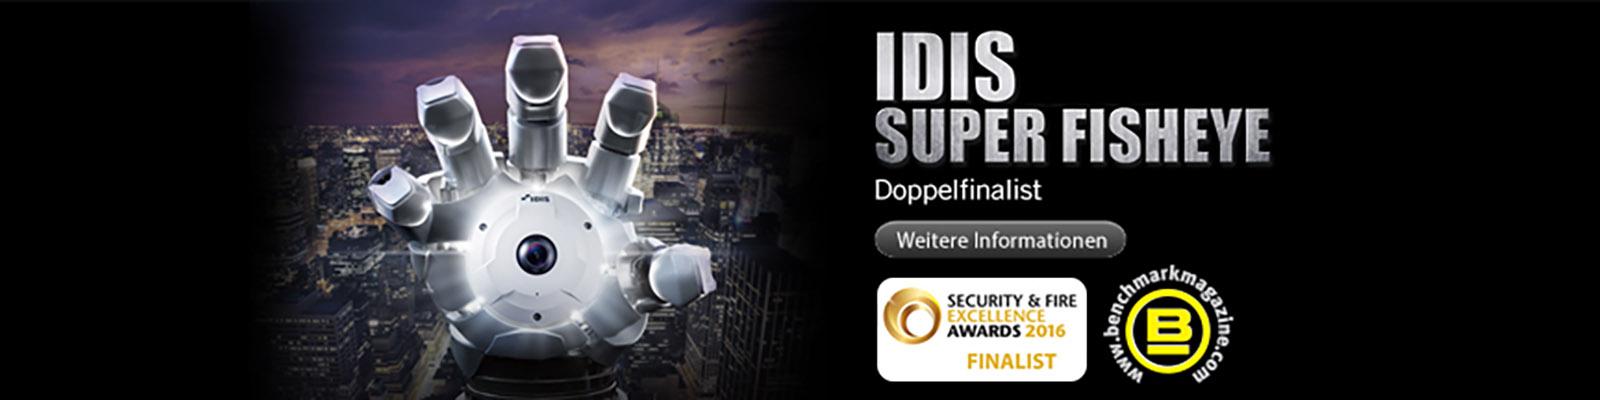 IDIS super Fisheye